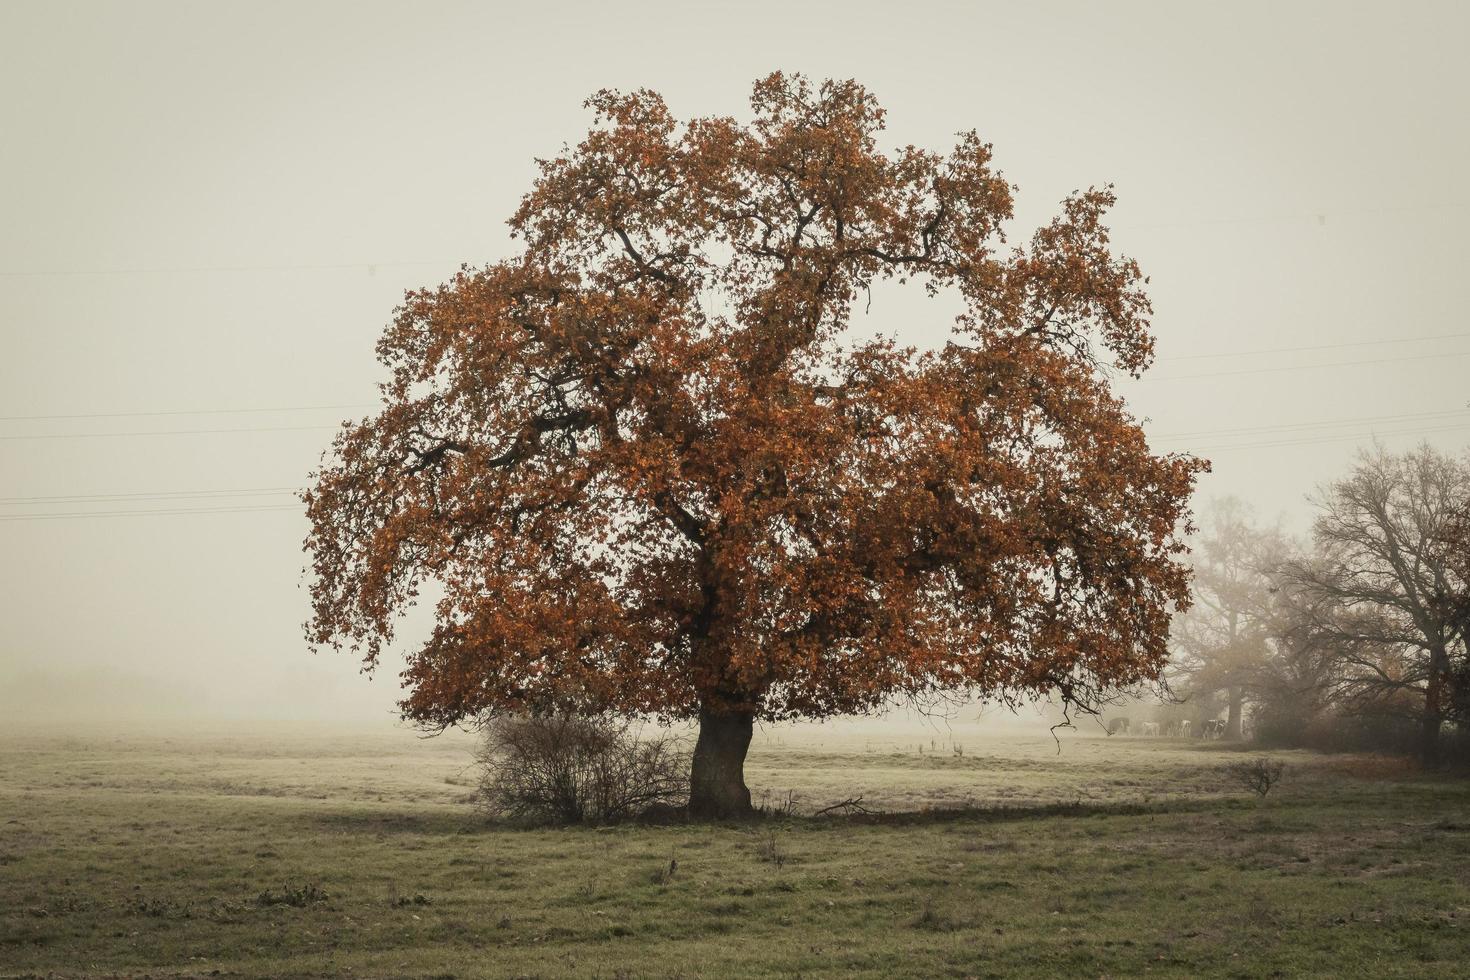 Lone tree in field photo